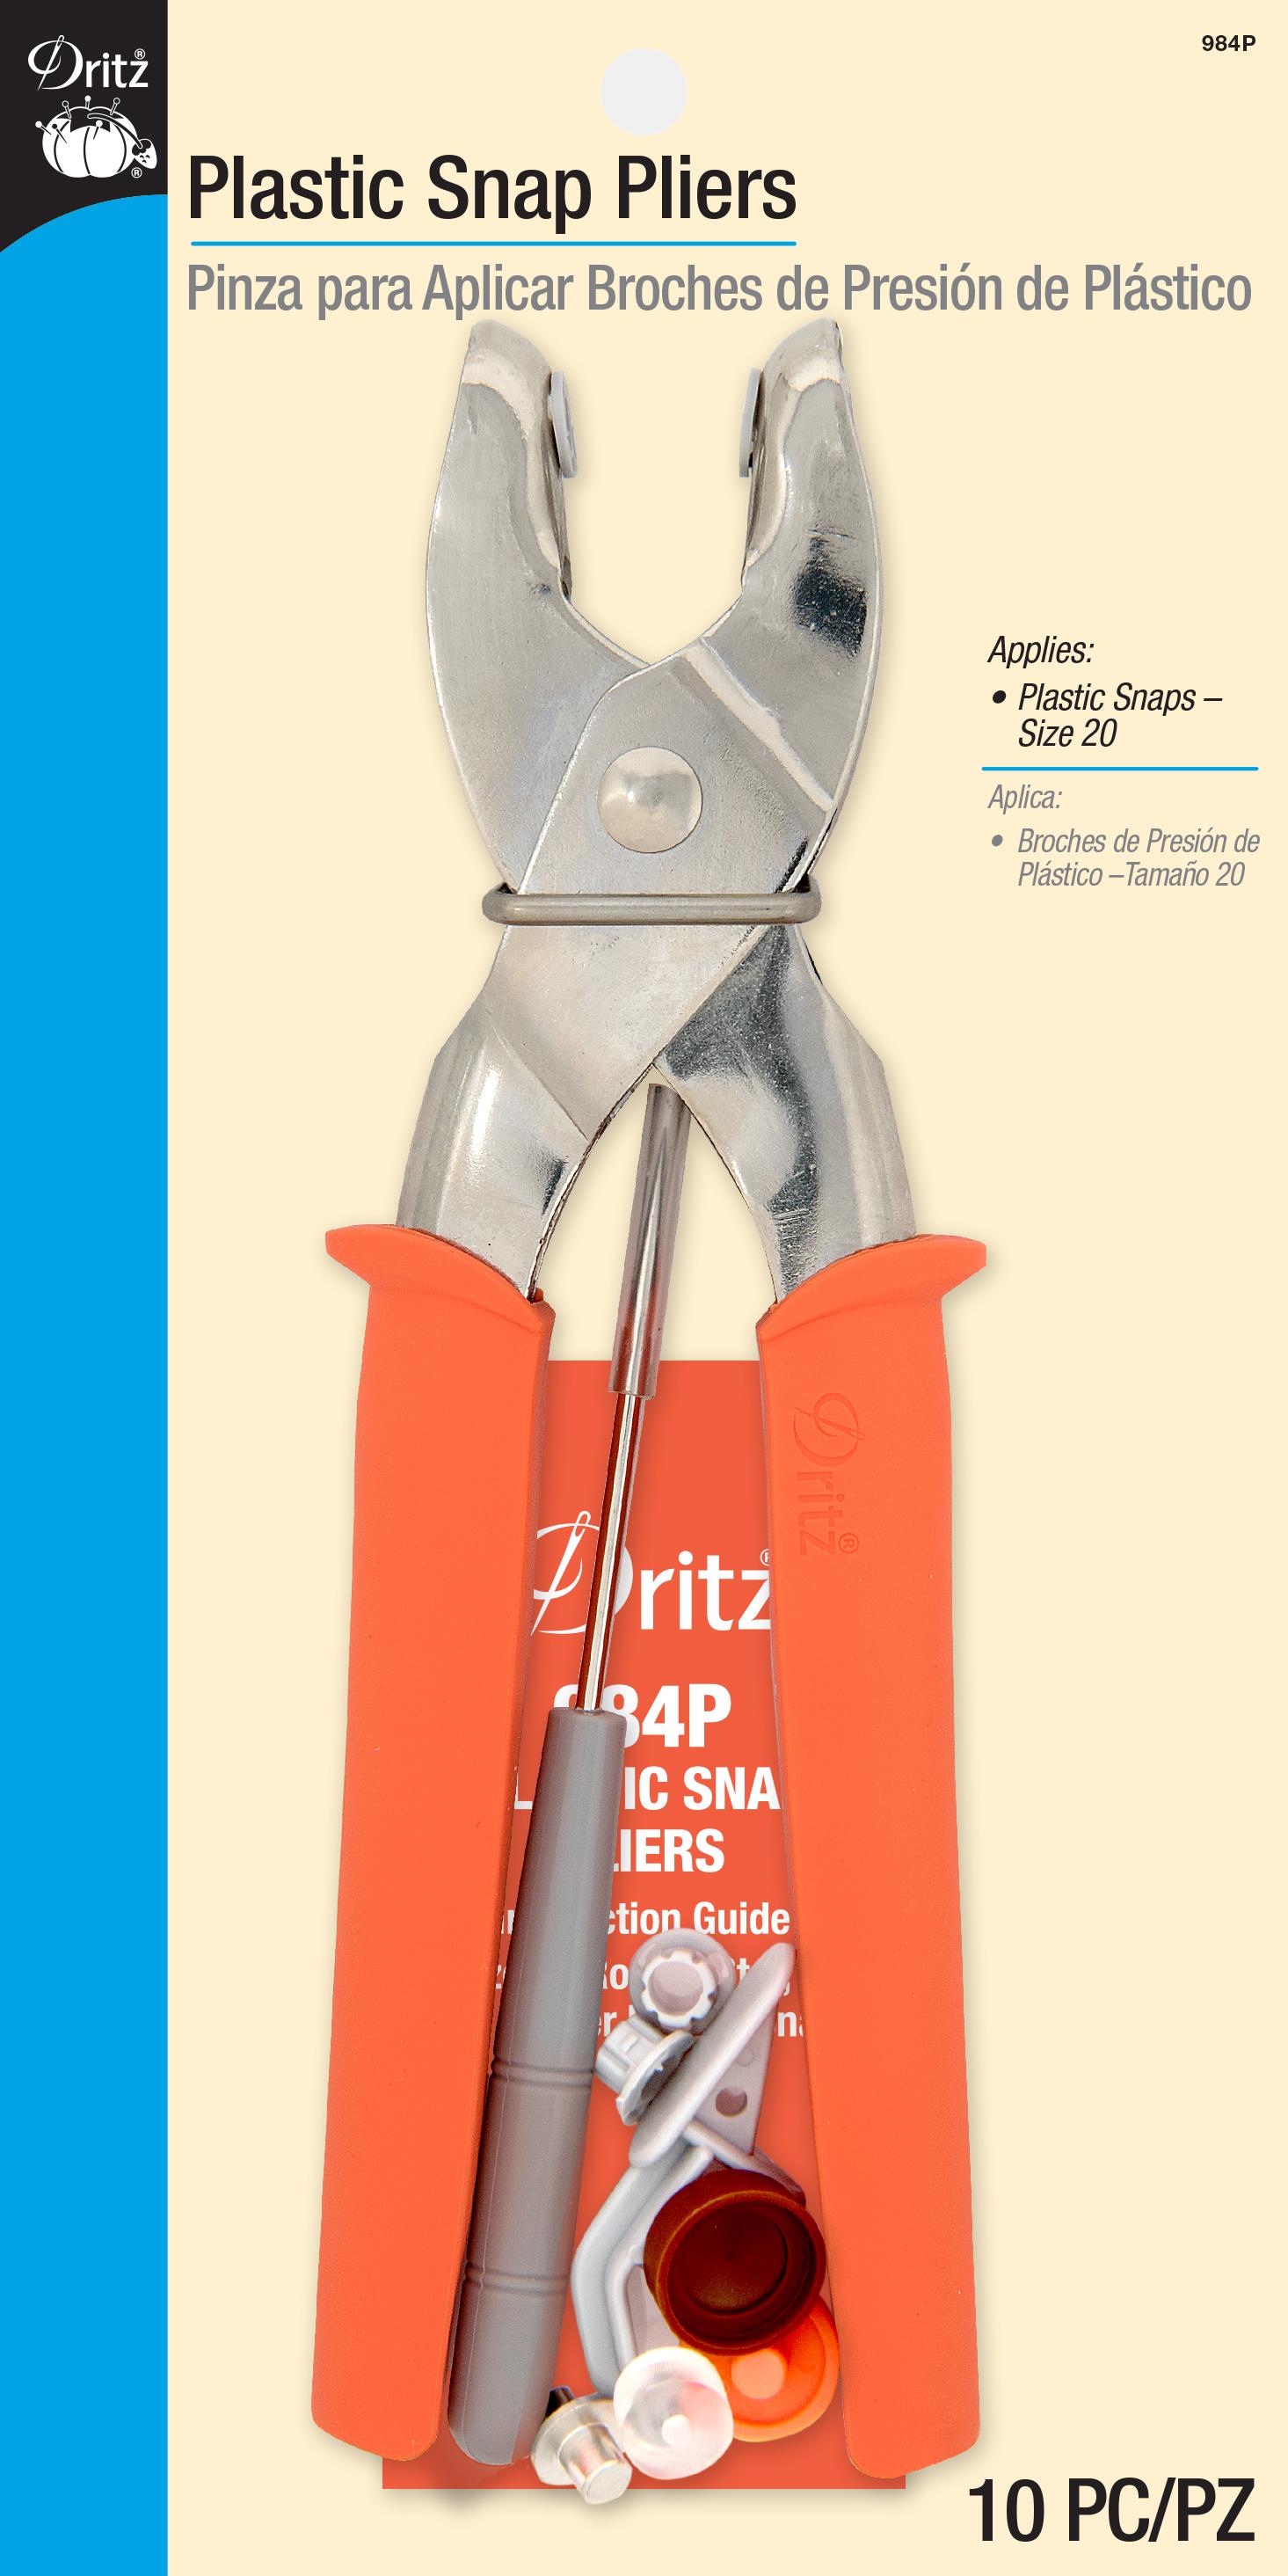 Plastic Snap Pliers-984P